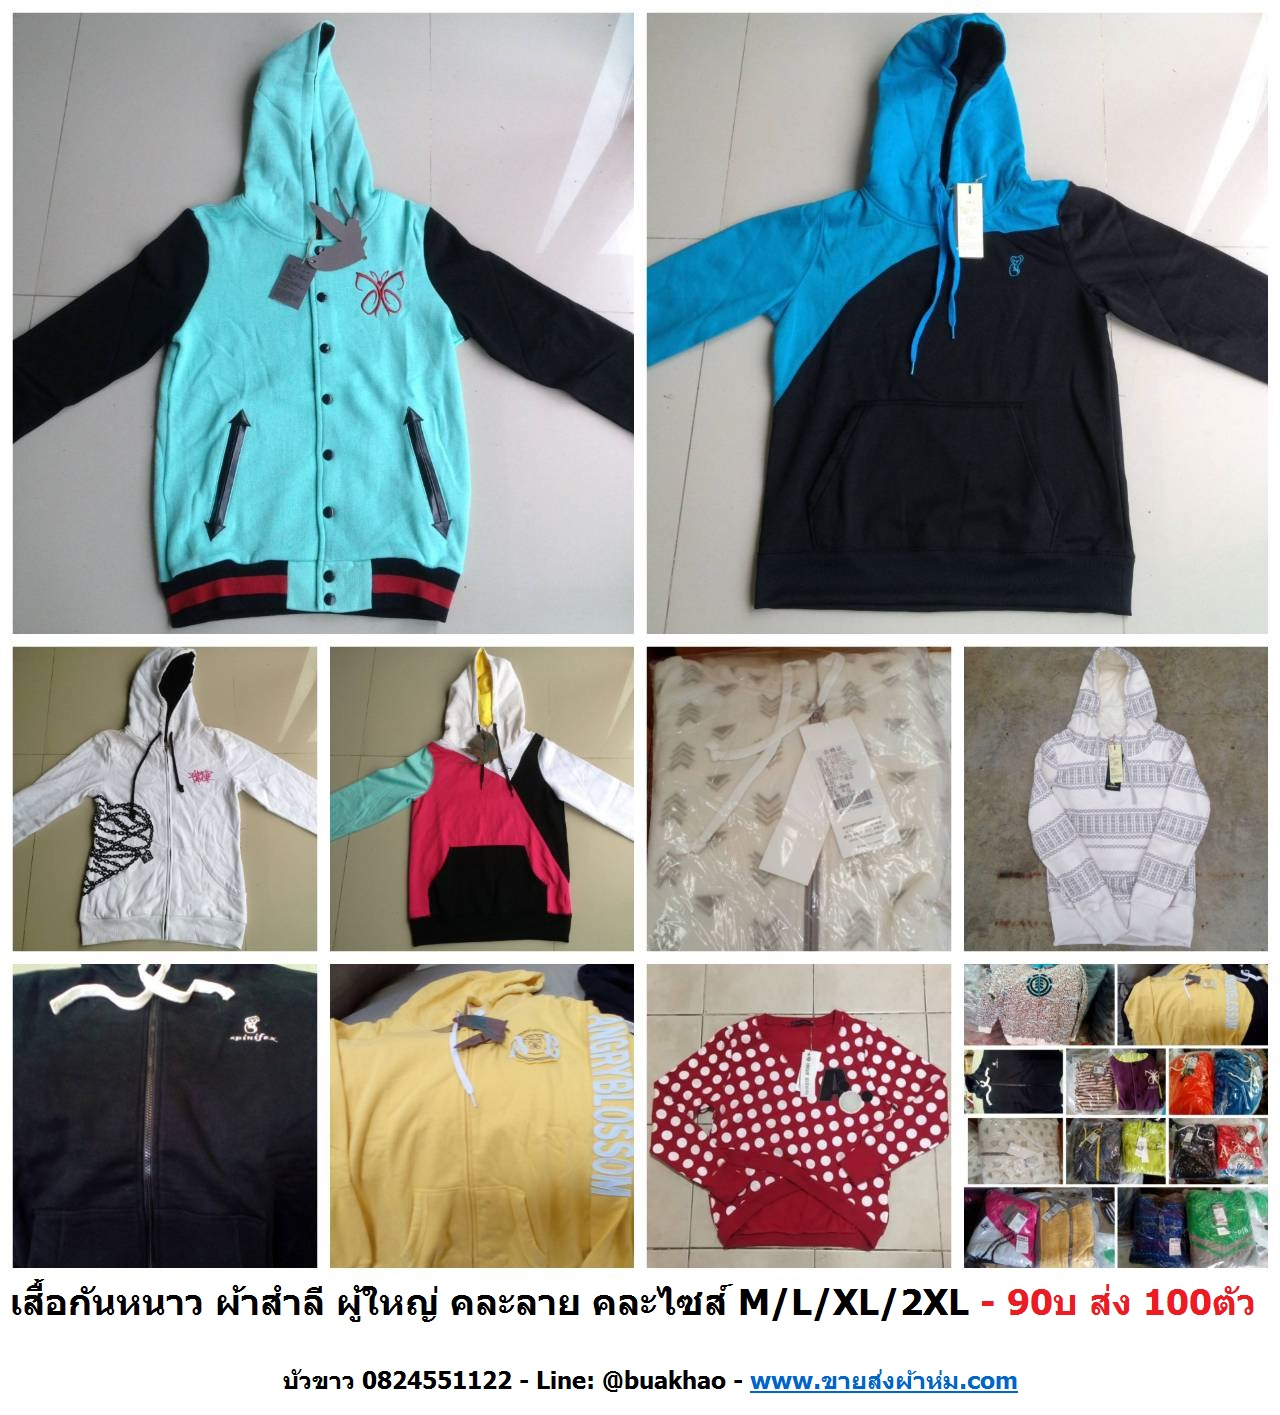 เสื้อกันหนาว ผ้าสำลี ผู้ใหญ่ คละสี คละลาย คละไซส์ (M-2XL) ตัวละ 90บ ส่ง 100ตัว